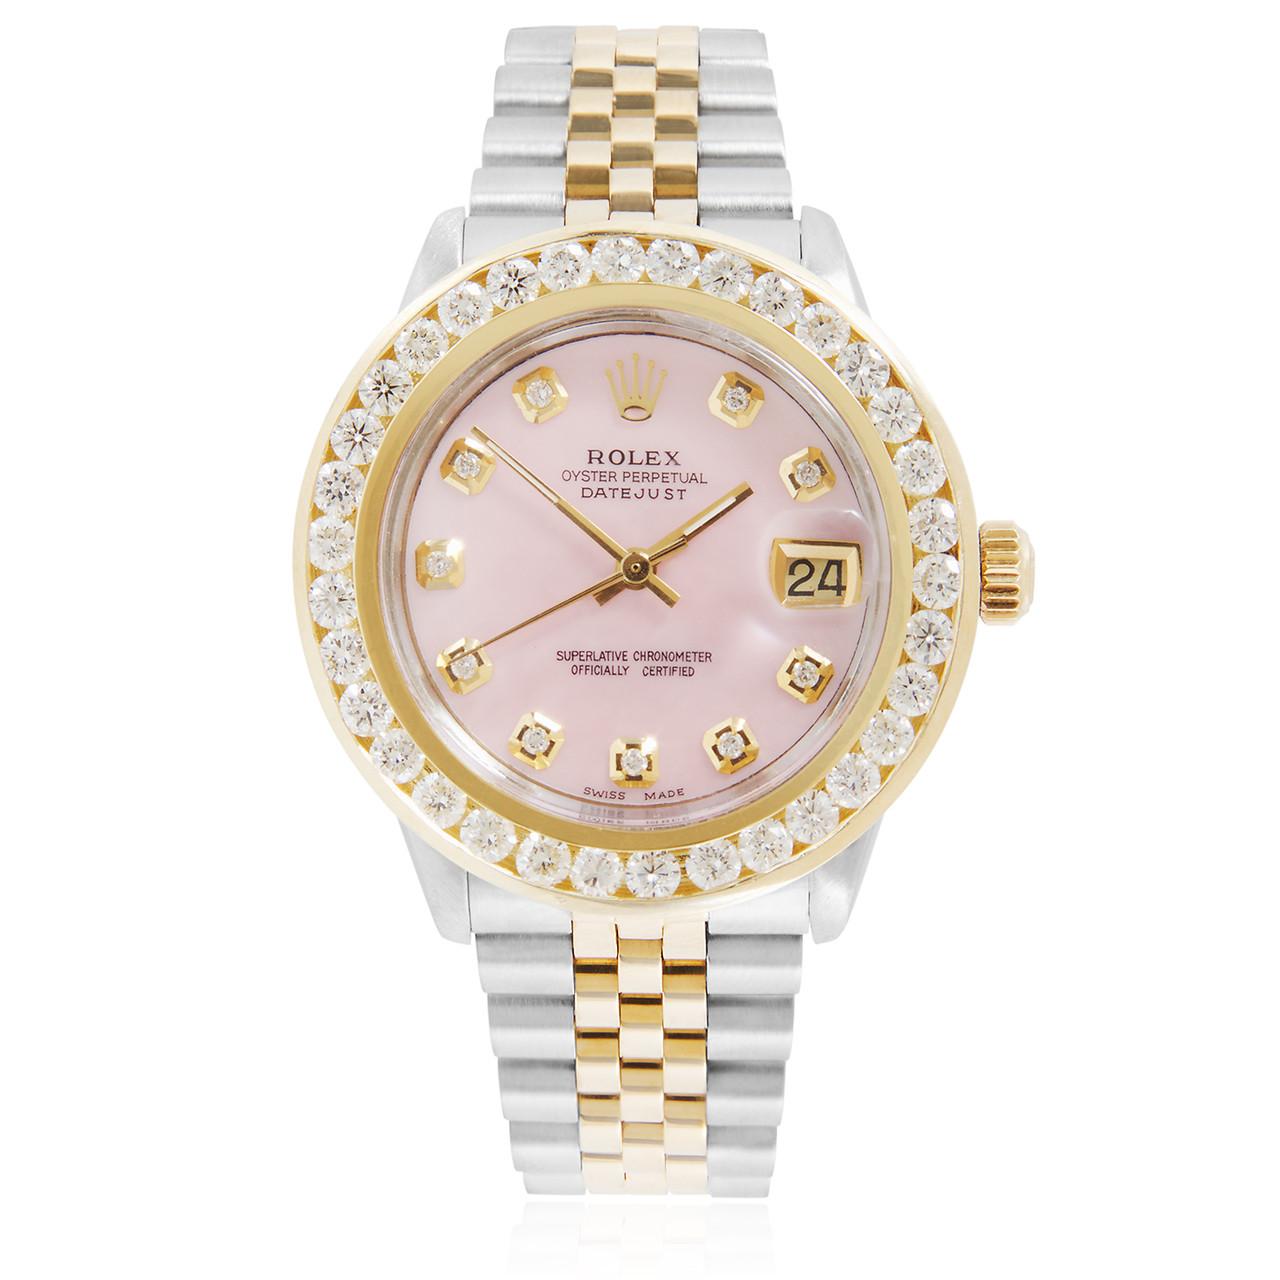 Rolex DateJust 4ct Diamond Automatic Womens Watch - Shyne